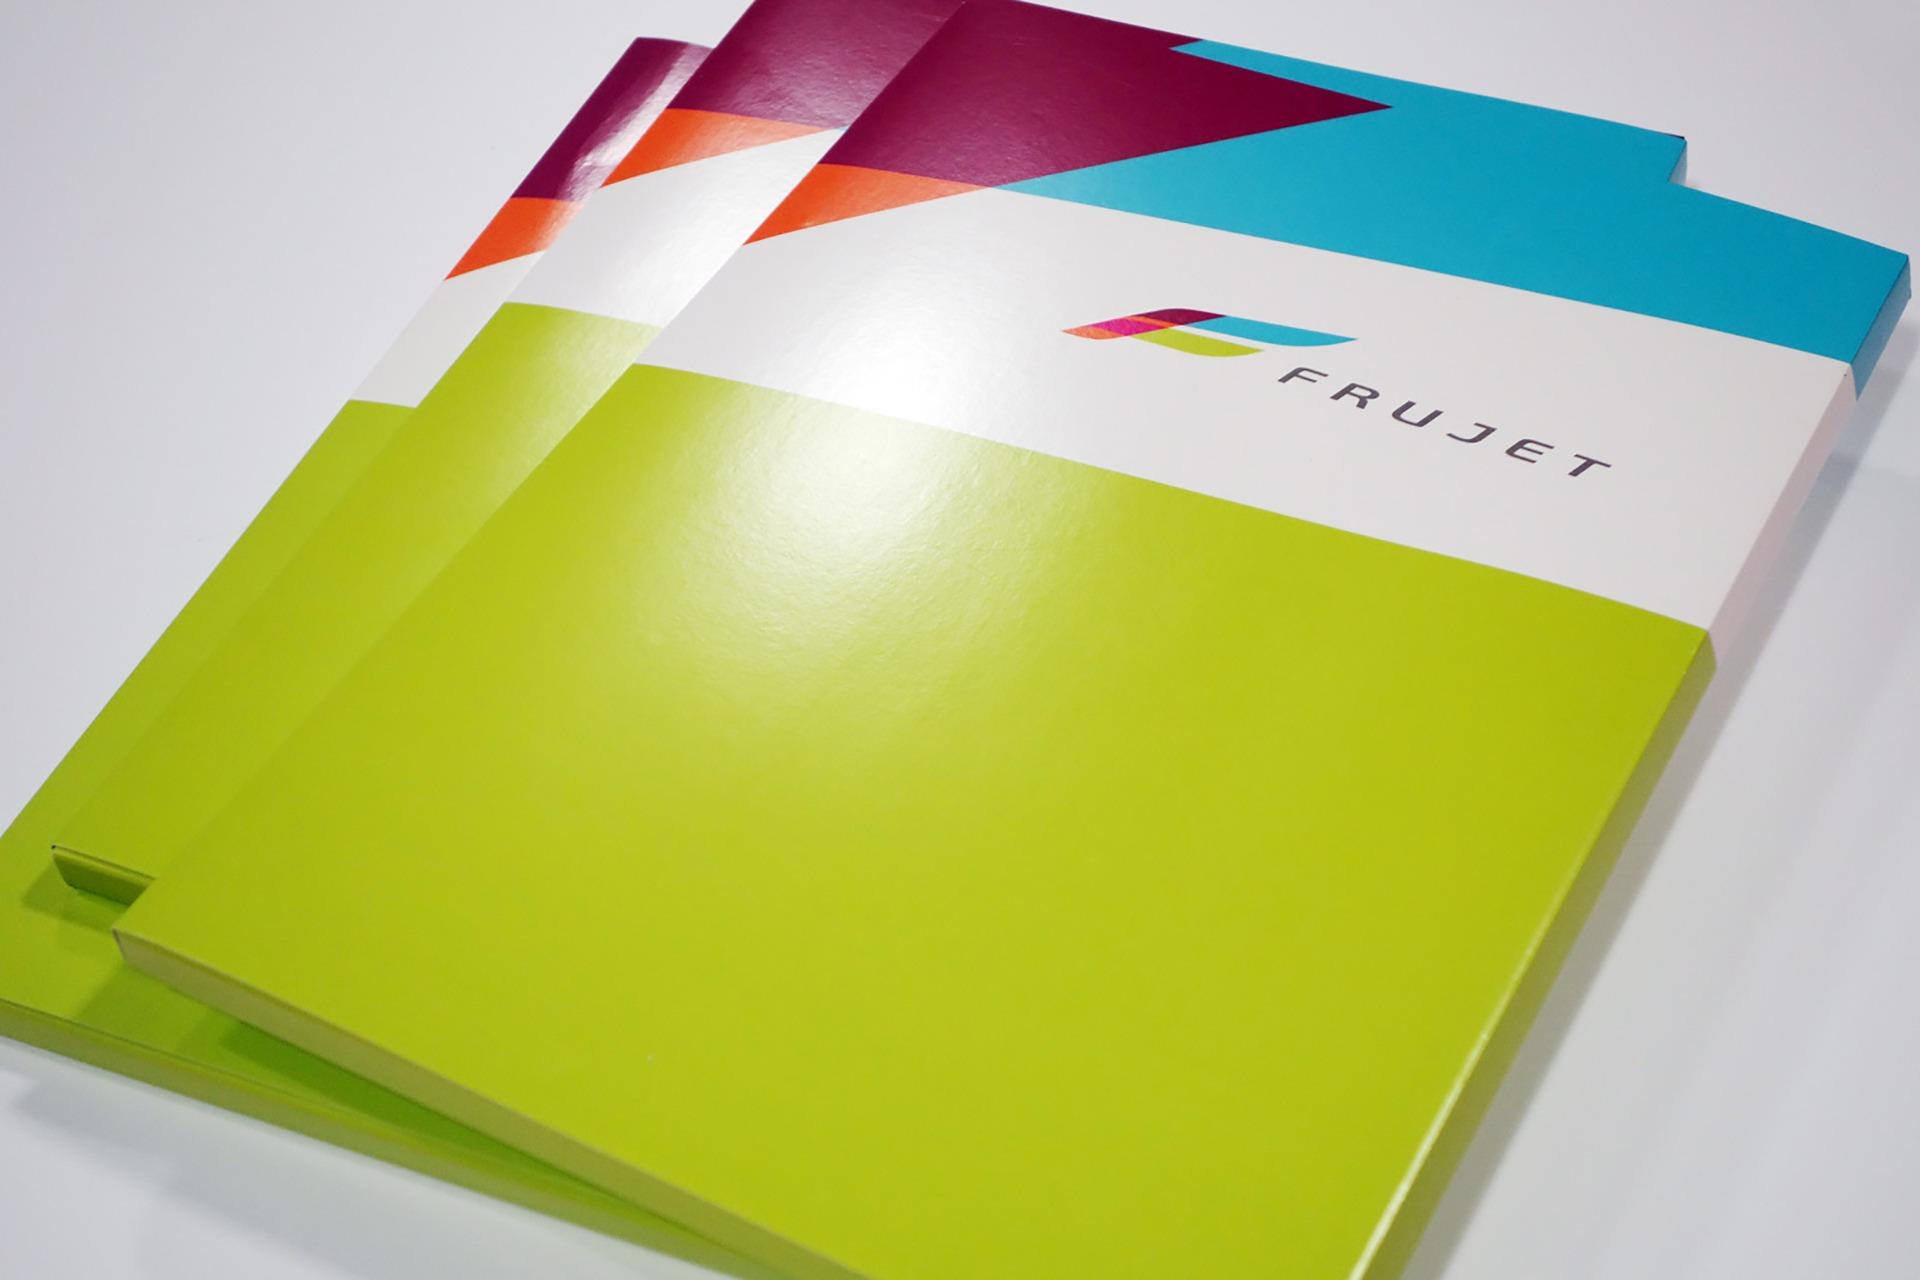 ASGARD Branding agency, Фруджет, дизайн визитных карточек